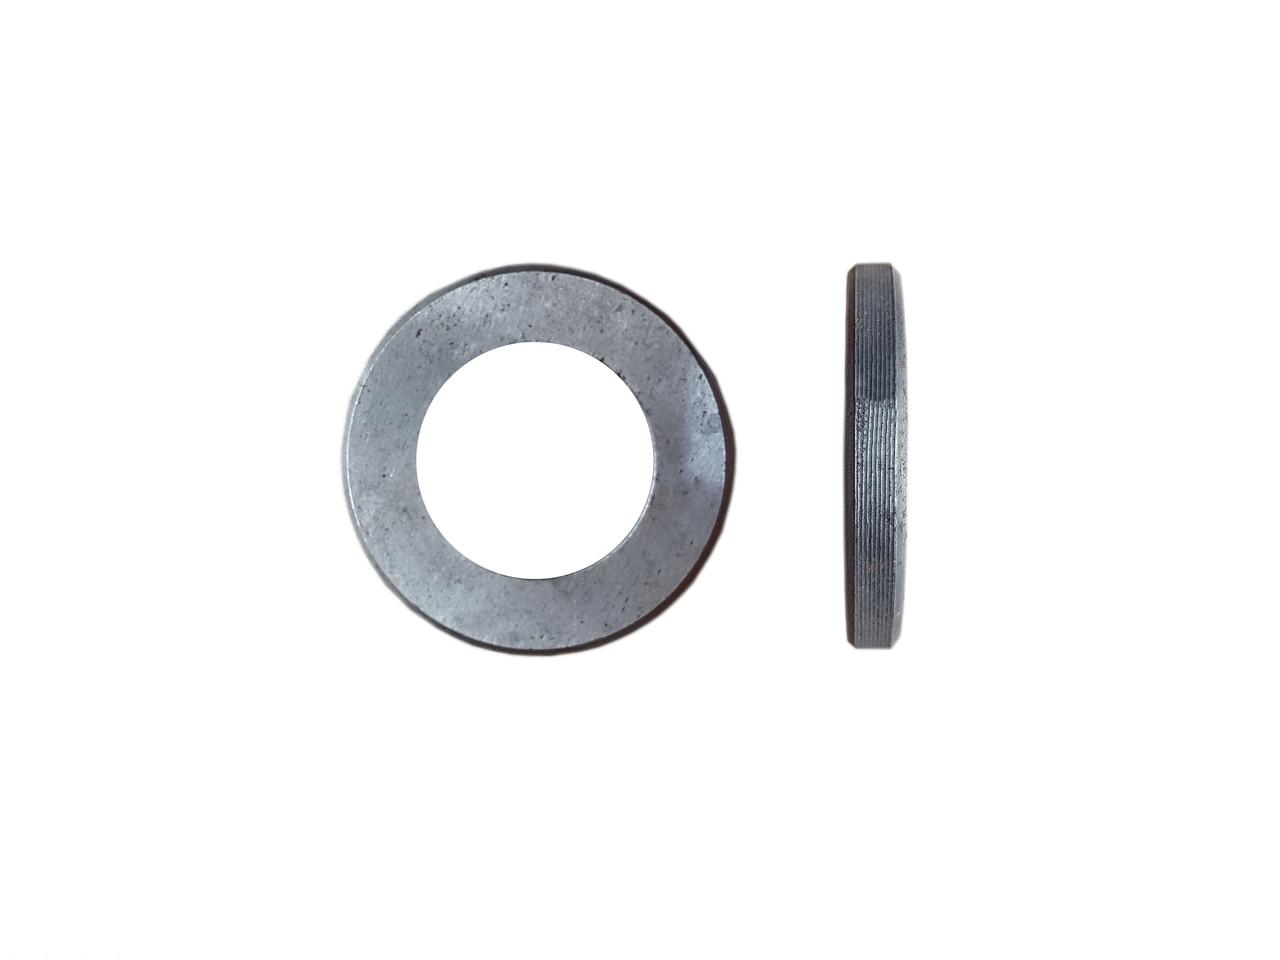 H2 мм Регулировочное проставочное кольца для вала №2